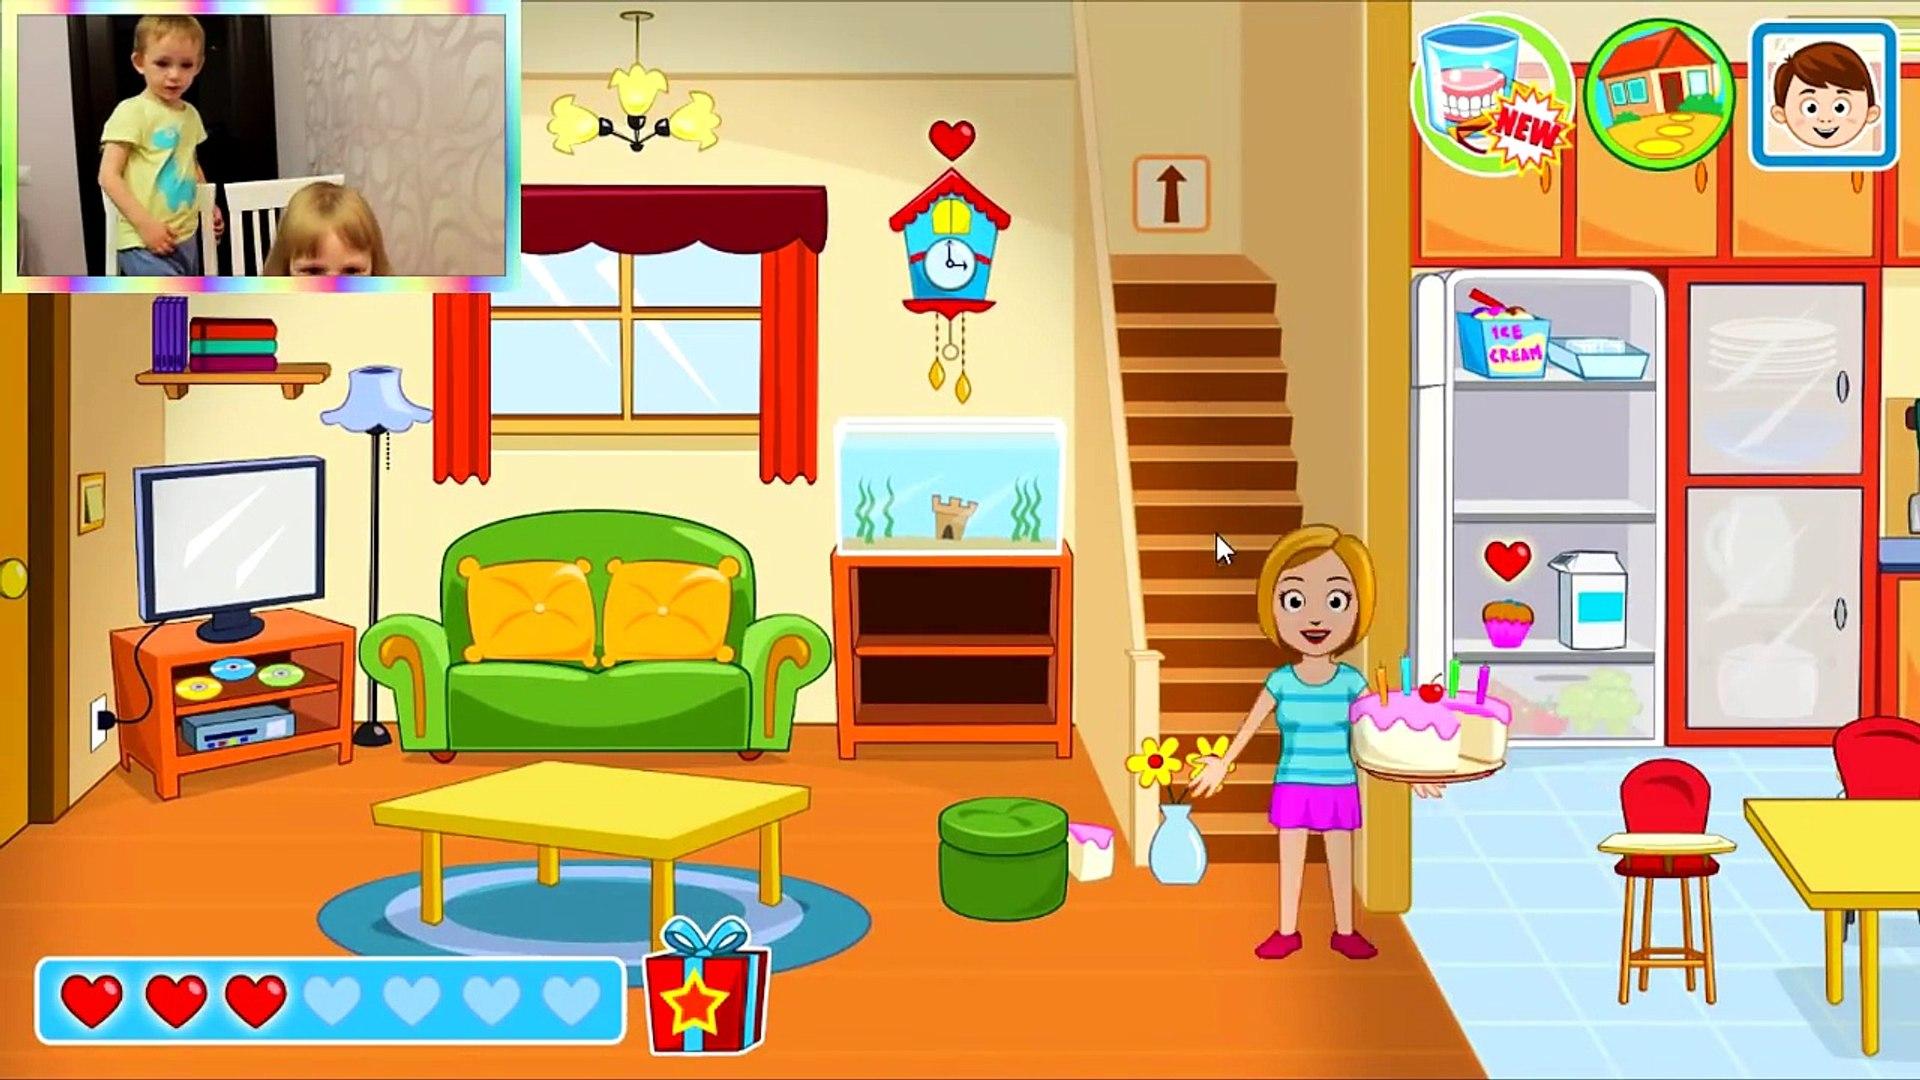 ВИДЕО ДЛЯ ДЕТЕЙ Семейная игра как мультик про Семью My Town Home развлекательная игра Смешное